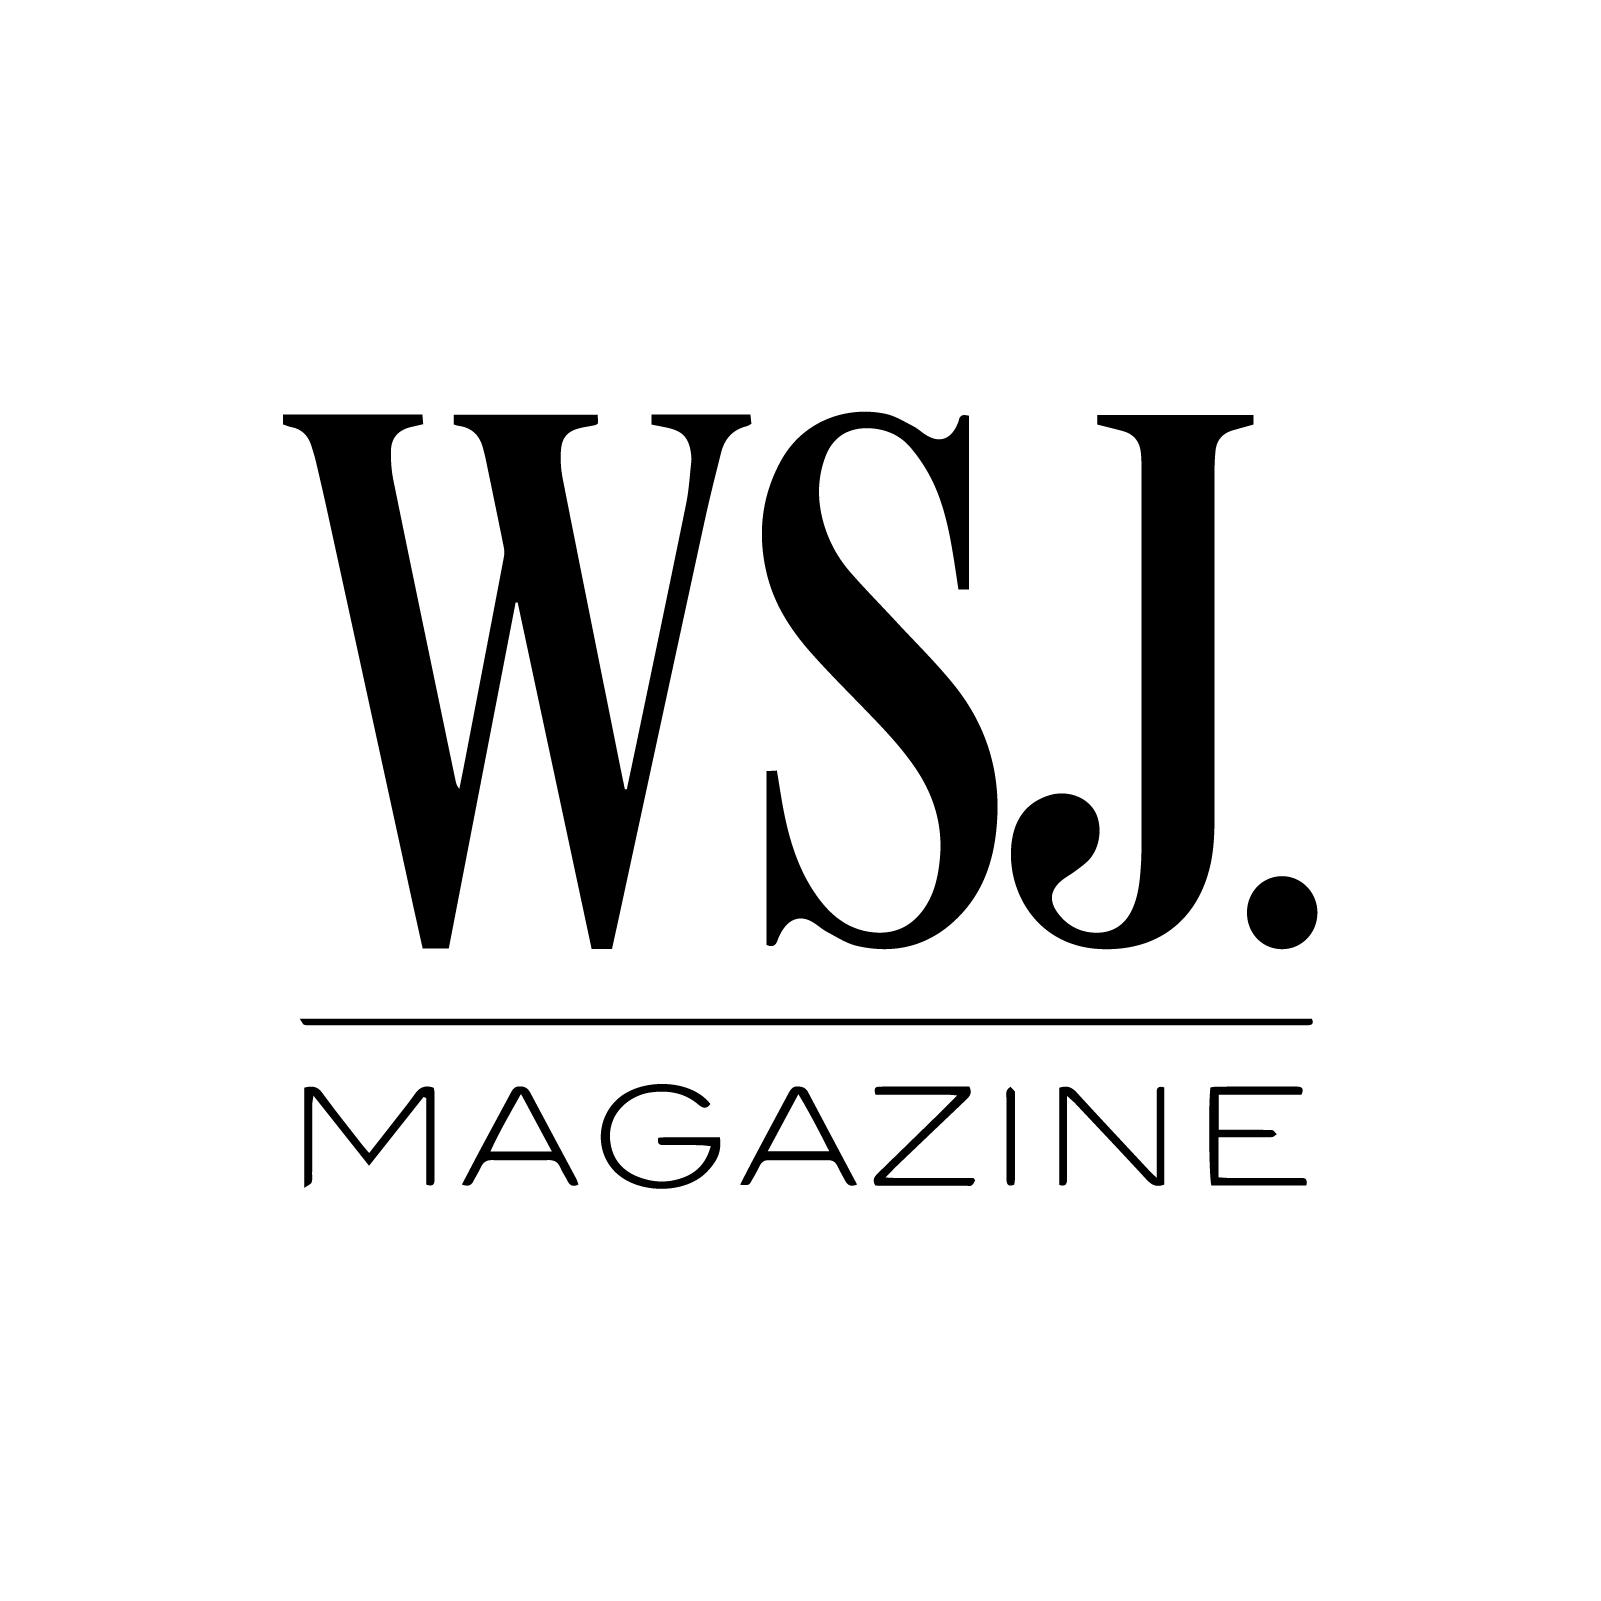 Press Logos_WSJ Magazinwe.png